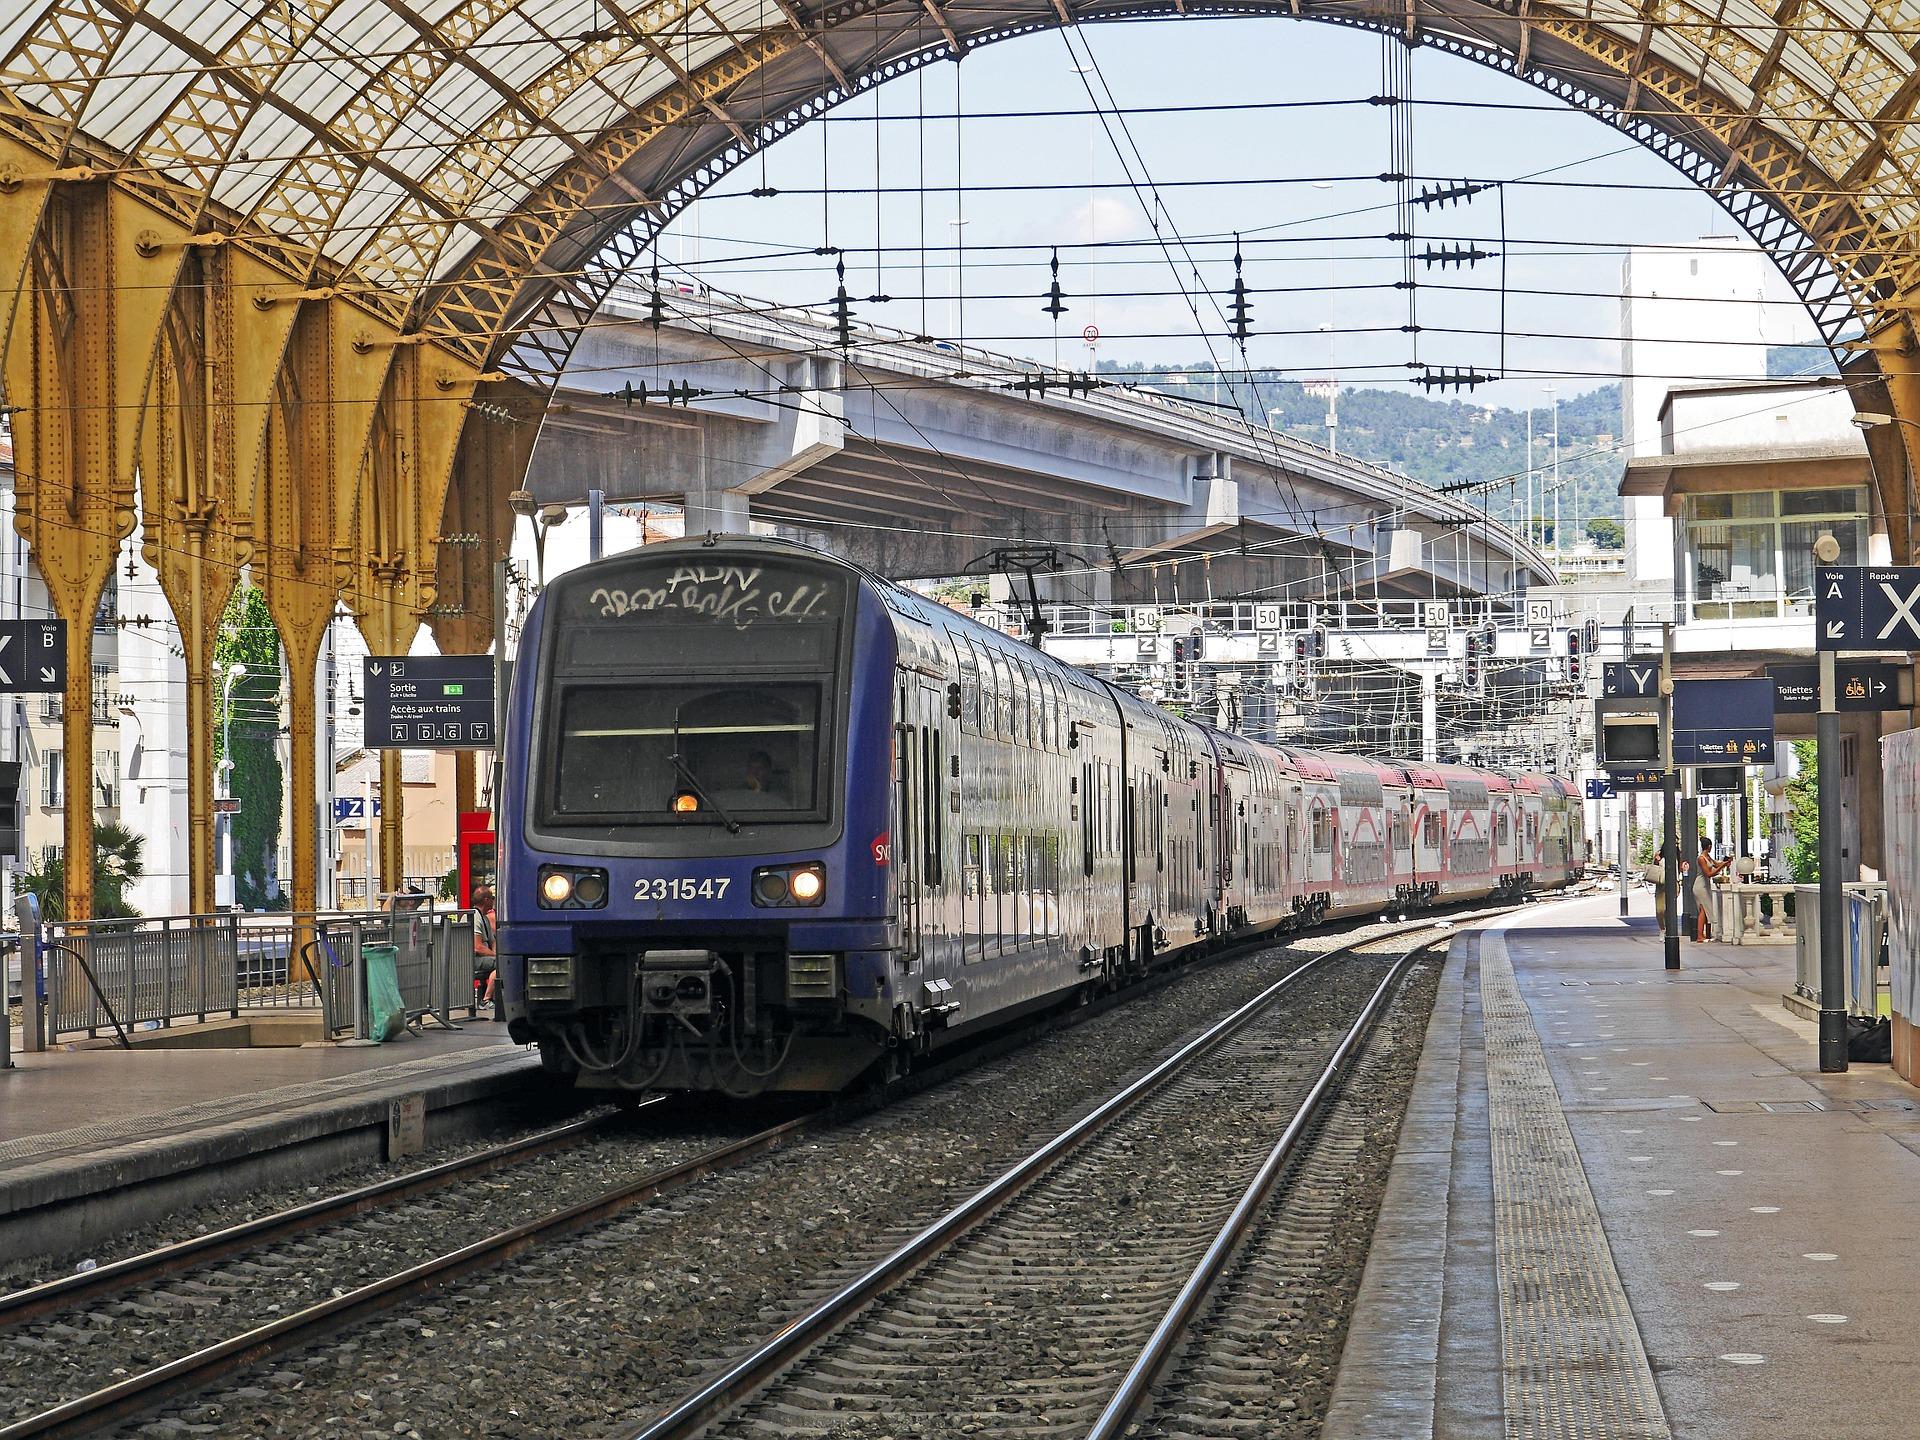 Un TER de la SNCF en gare de Nice. Normalement, tant que vous n'avez ni tandem, ni carriole / remorque, vous pouvez l'emprunter avec votre vélo non démonté (photo de hpgruesen - domaine public)